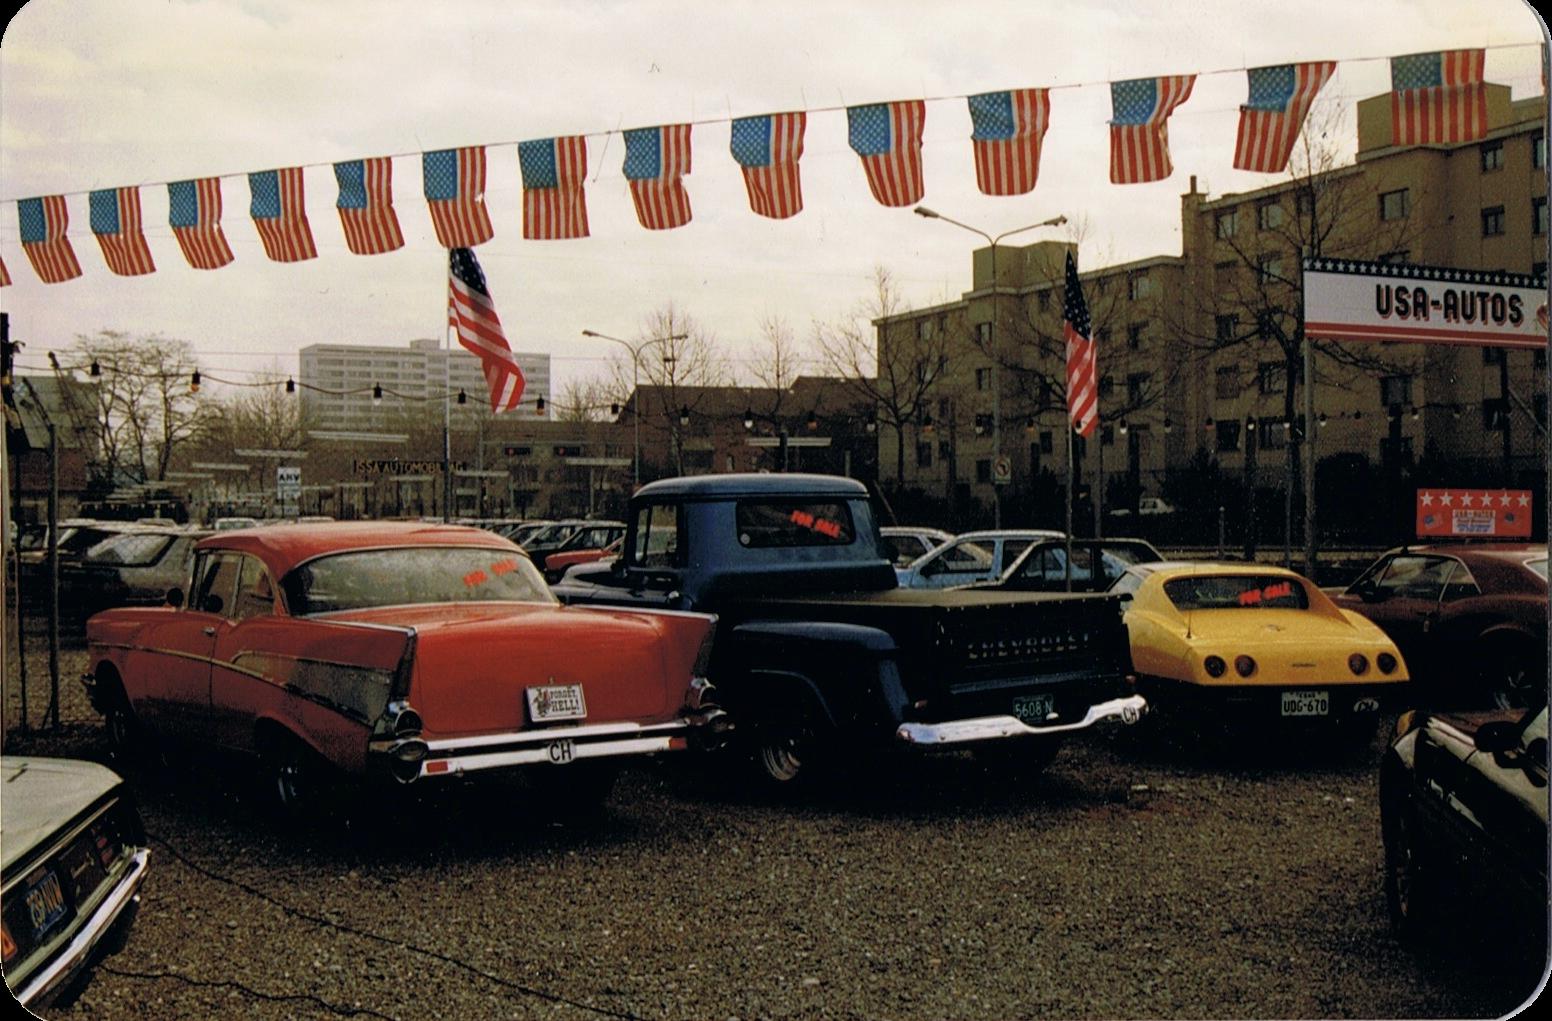 Seit bald 40 Jahren USA-AUTOS... Damals und heute...